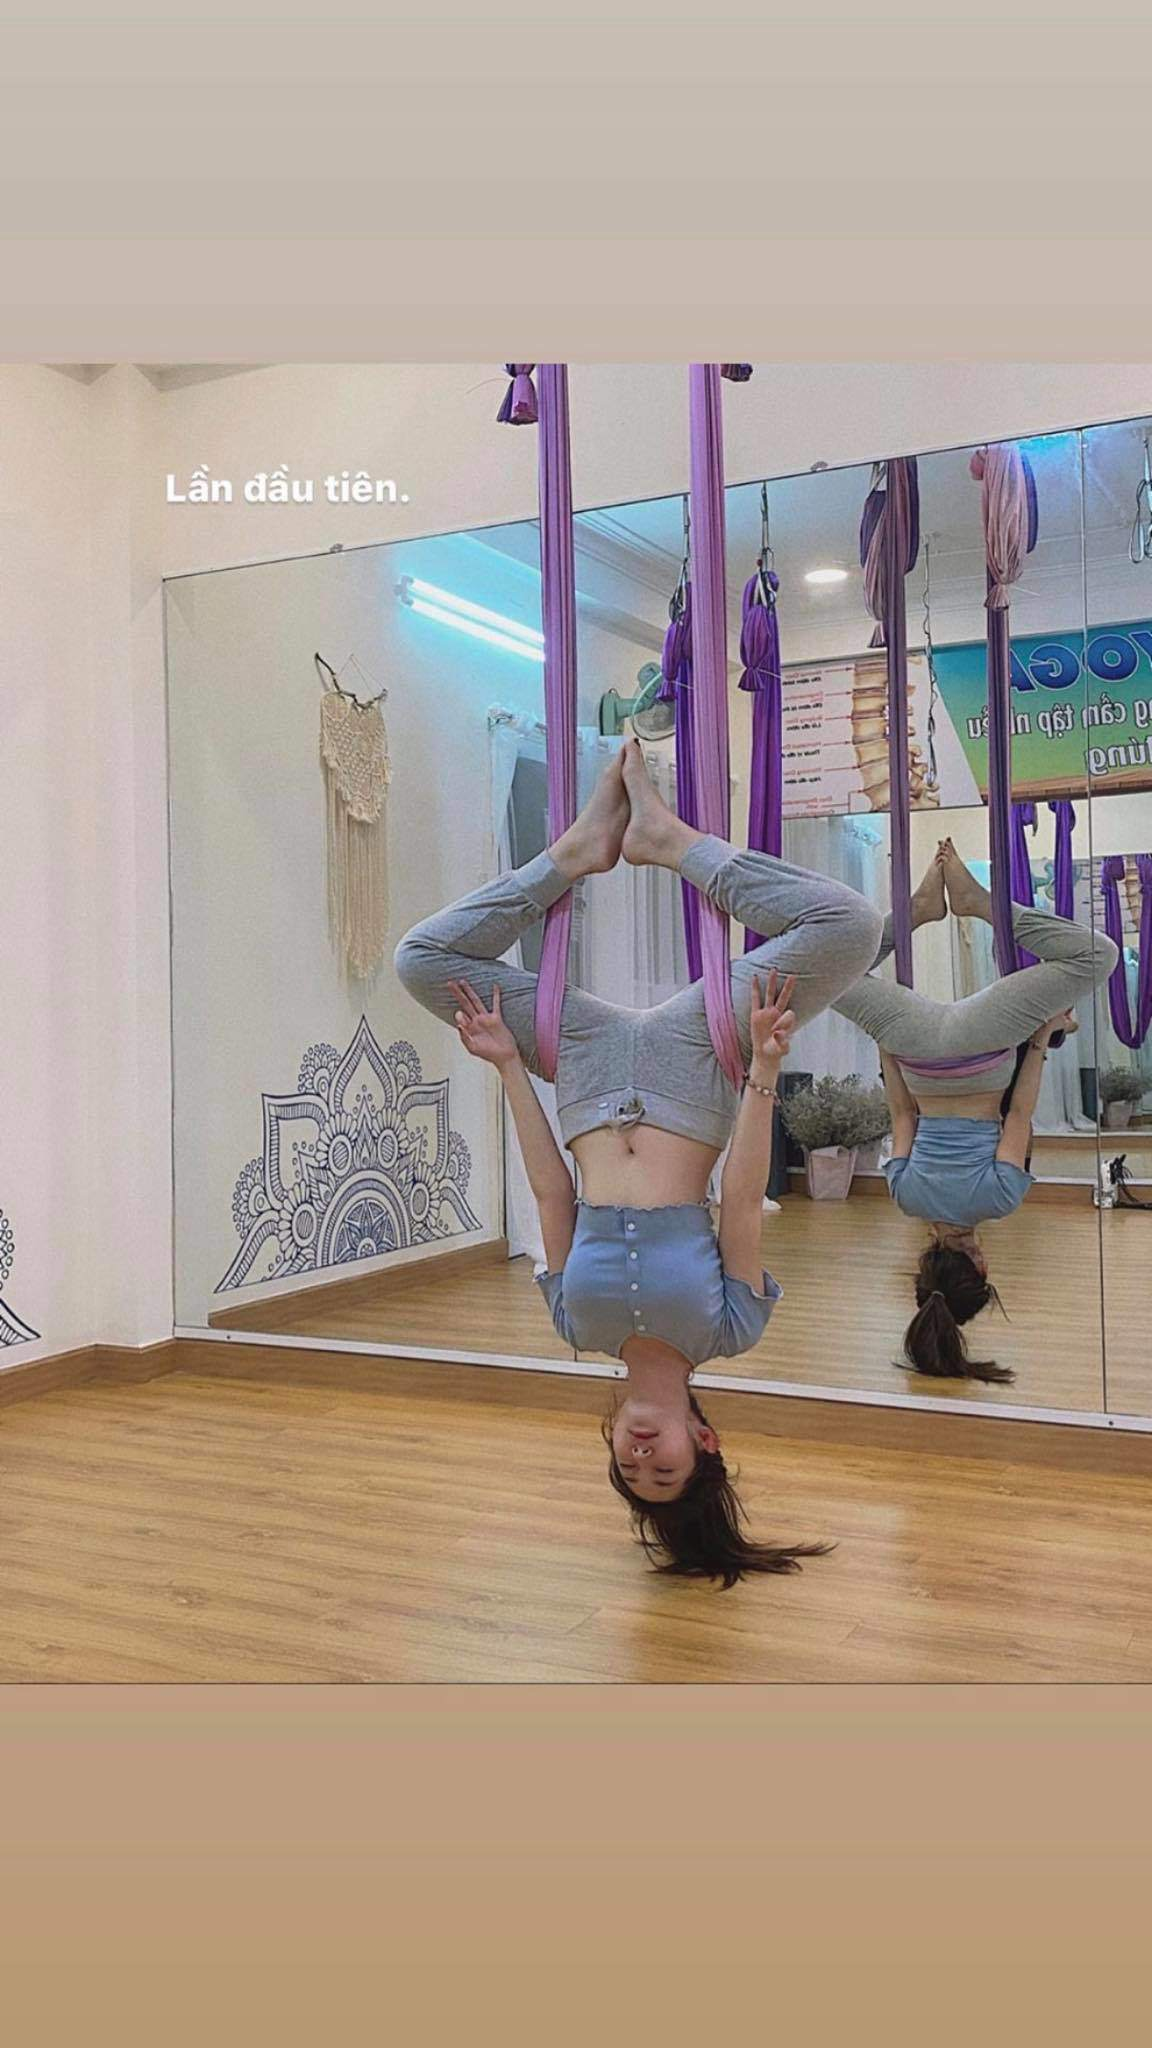 Khổng Tú Quỳnh nhập hội mê yoga bay, bảo sao dáng nuột nà, vòng 3 quả táo đẹp mê - 8